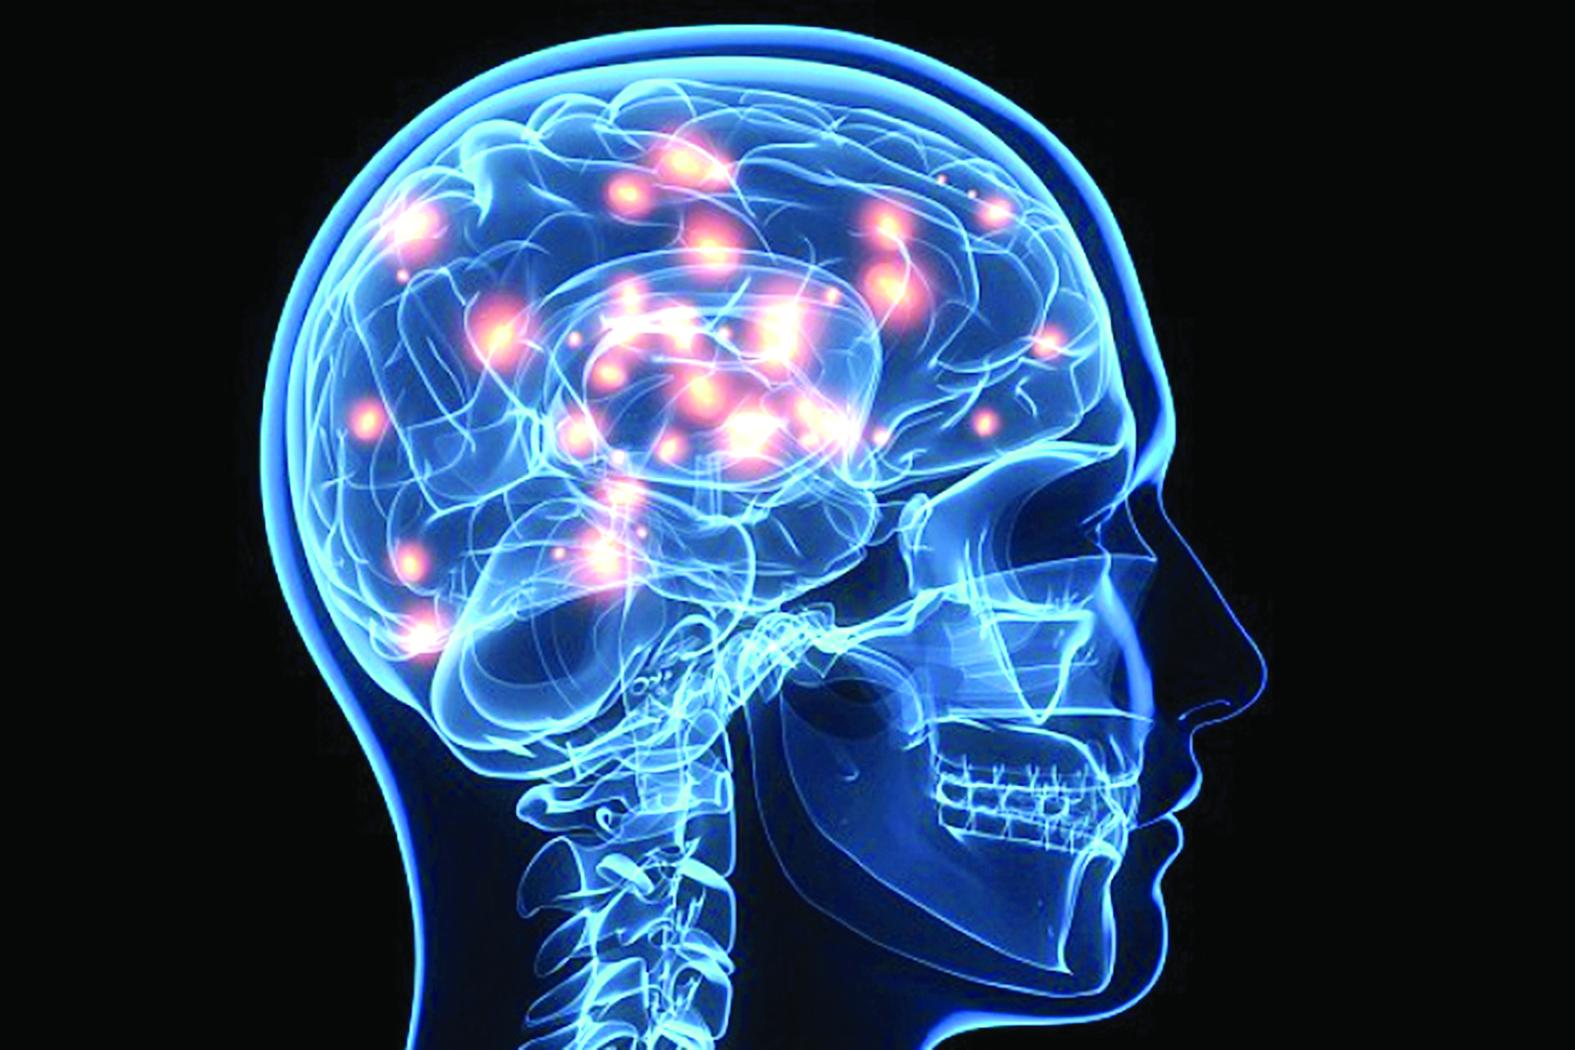 «الفصــام» نتيجــة ثانــــوية لتطور الدماغ المعقد